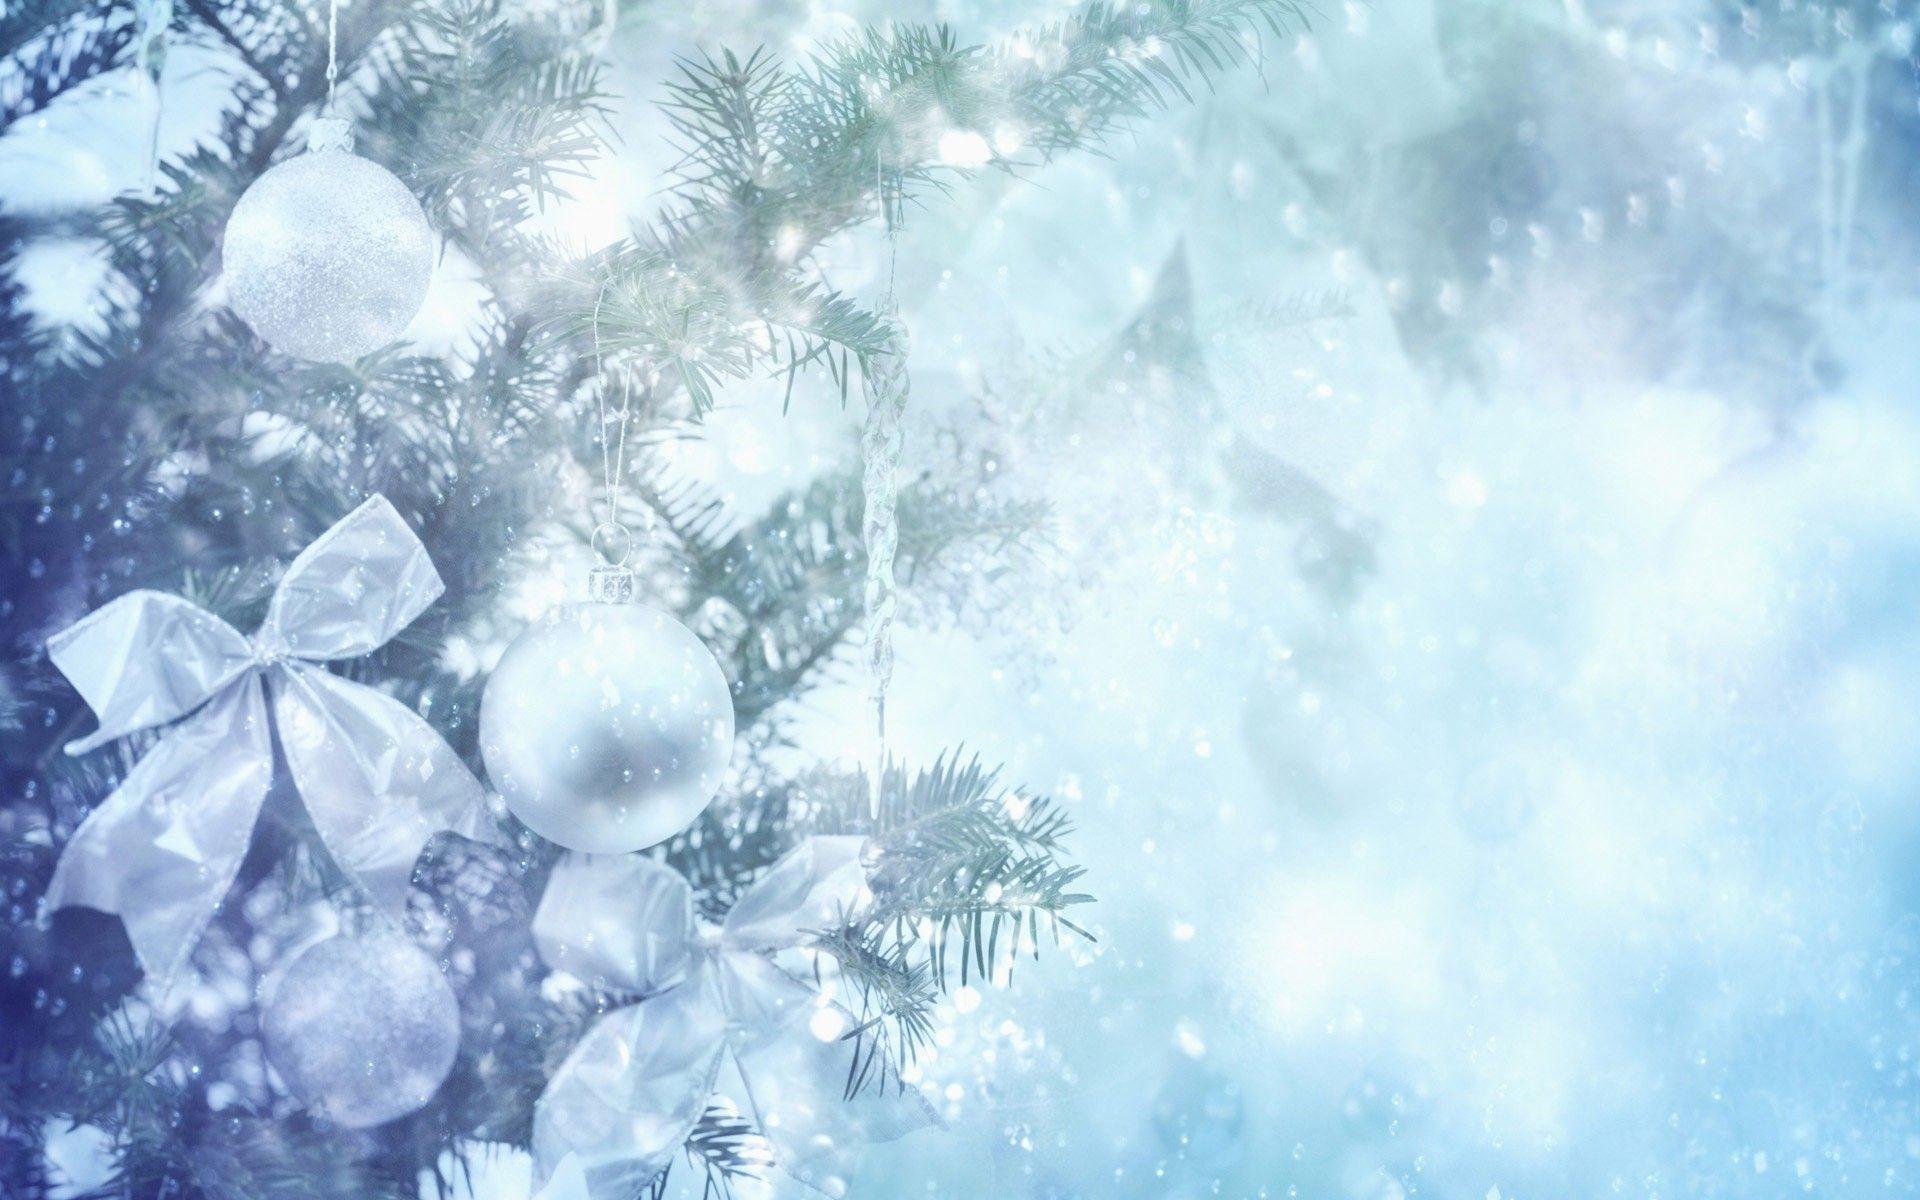 White Christmas Wallpaper 183 '�